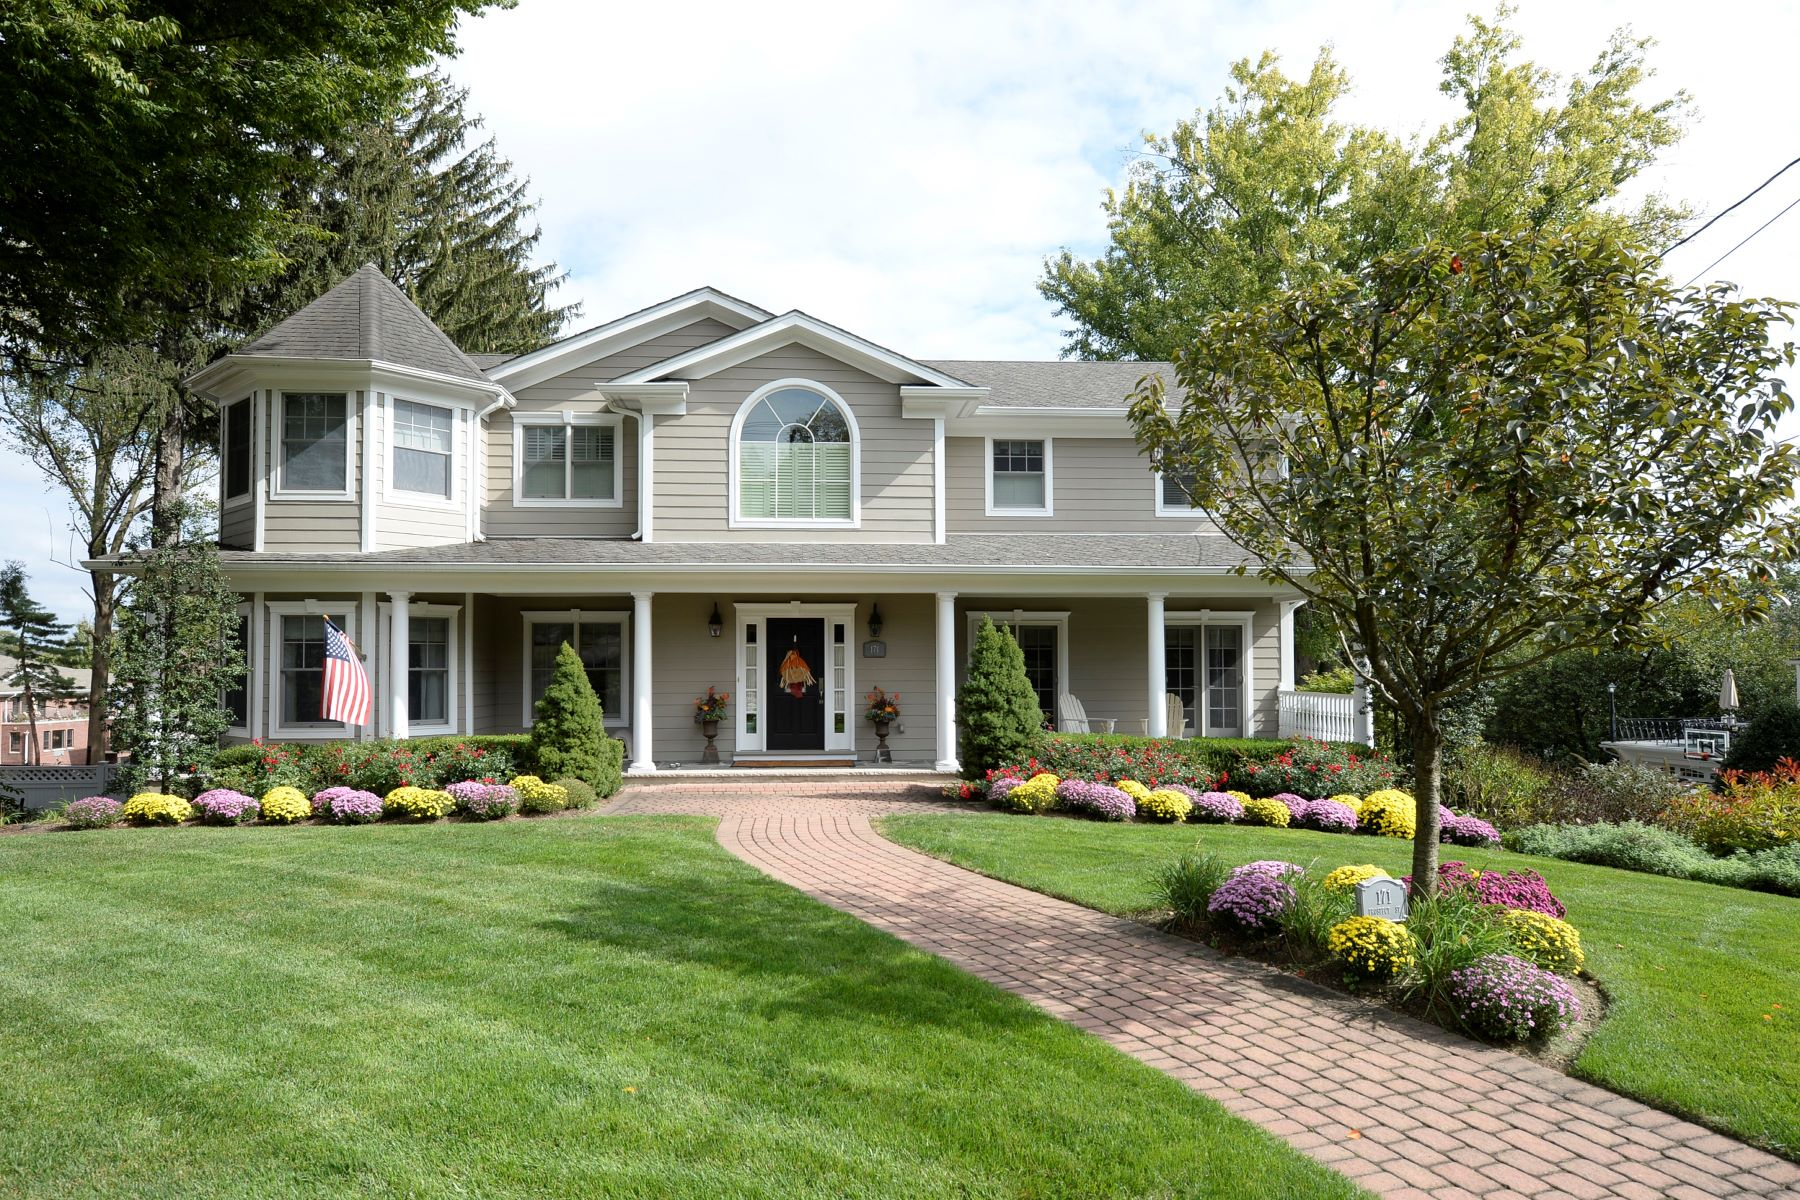 Maison unifamiliale pour l Vente à Sophisticated CenterHall Colonial Over 5,000 Square Feet. 171 Prospect Street, Ridgewood, New Jersey 07450 États-Unis